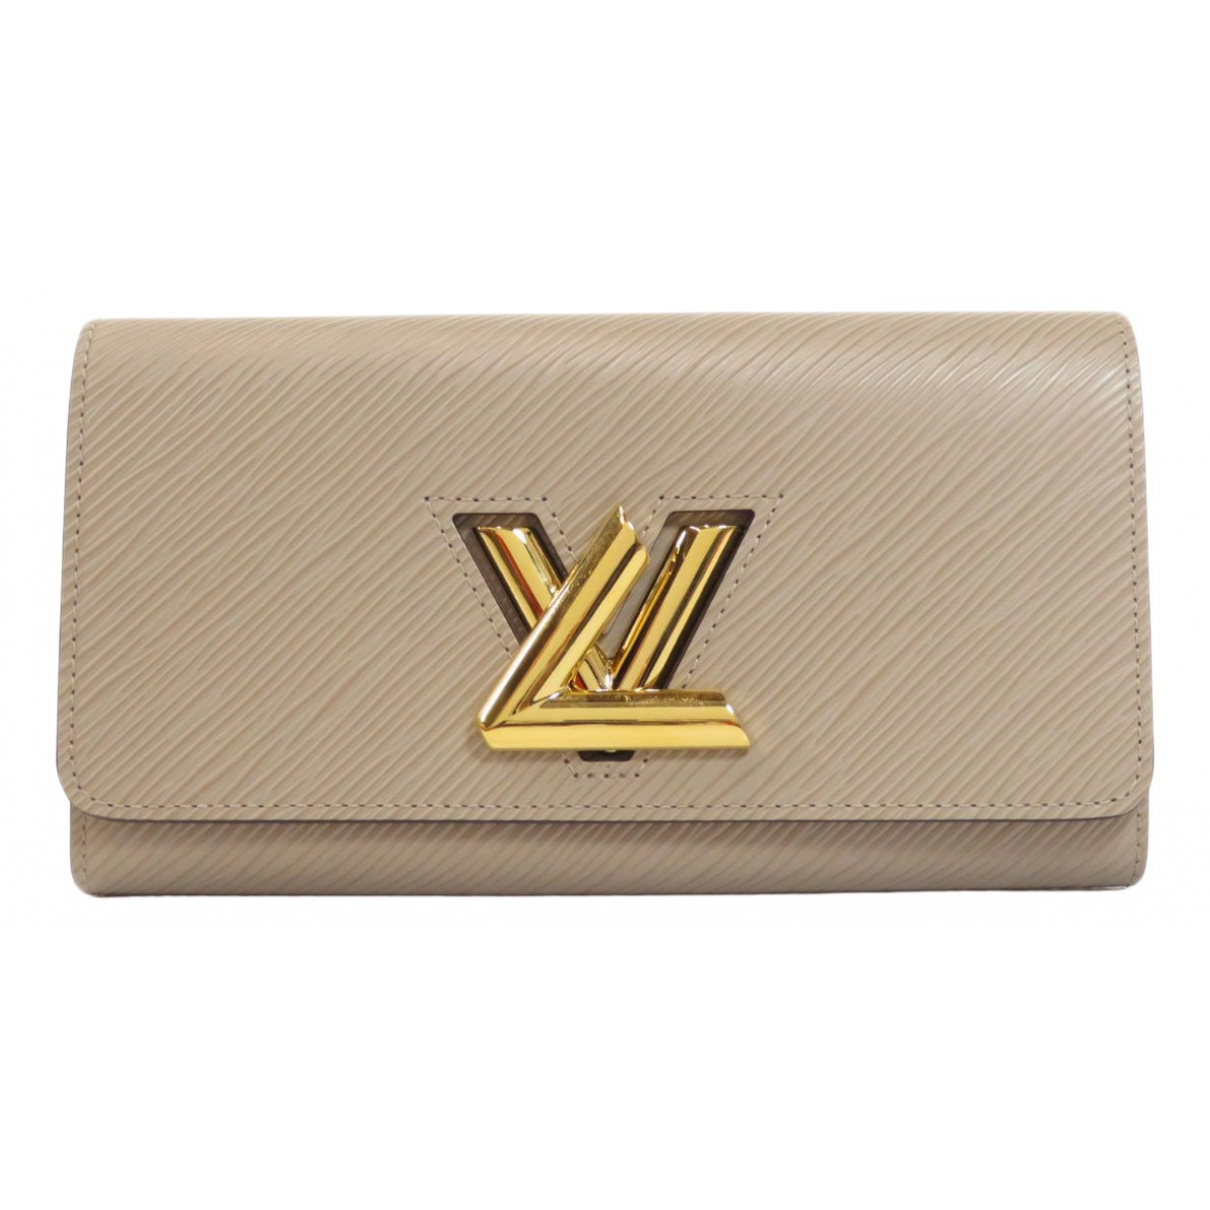 Louis Vuitton Twist Portemonnaie in  Beige Leder